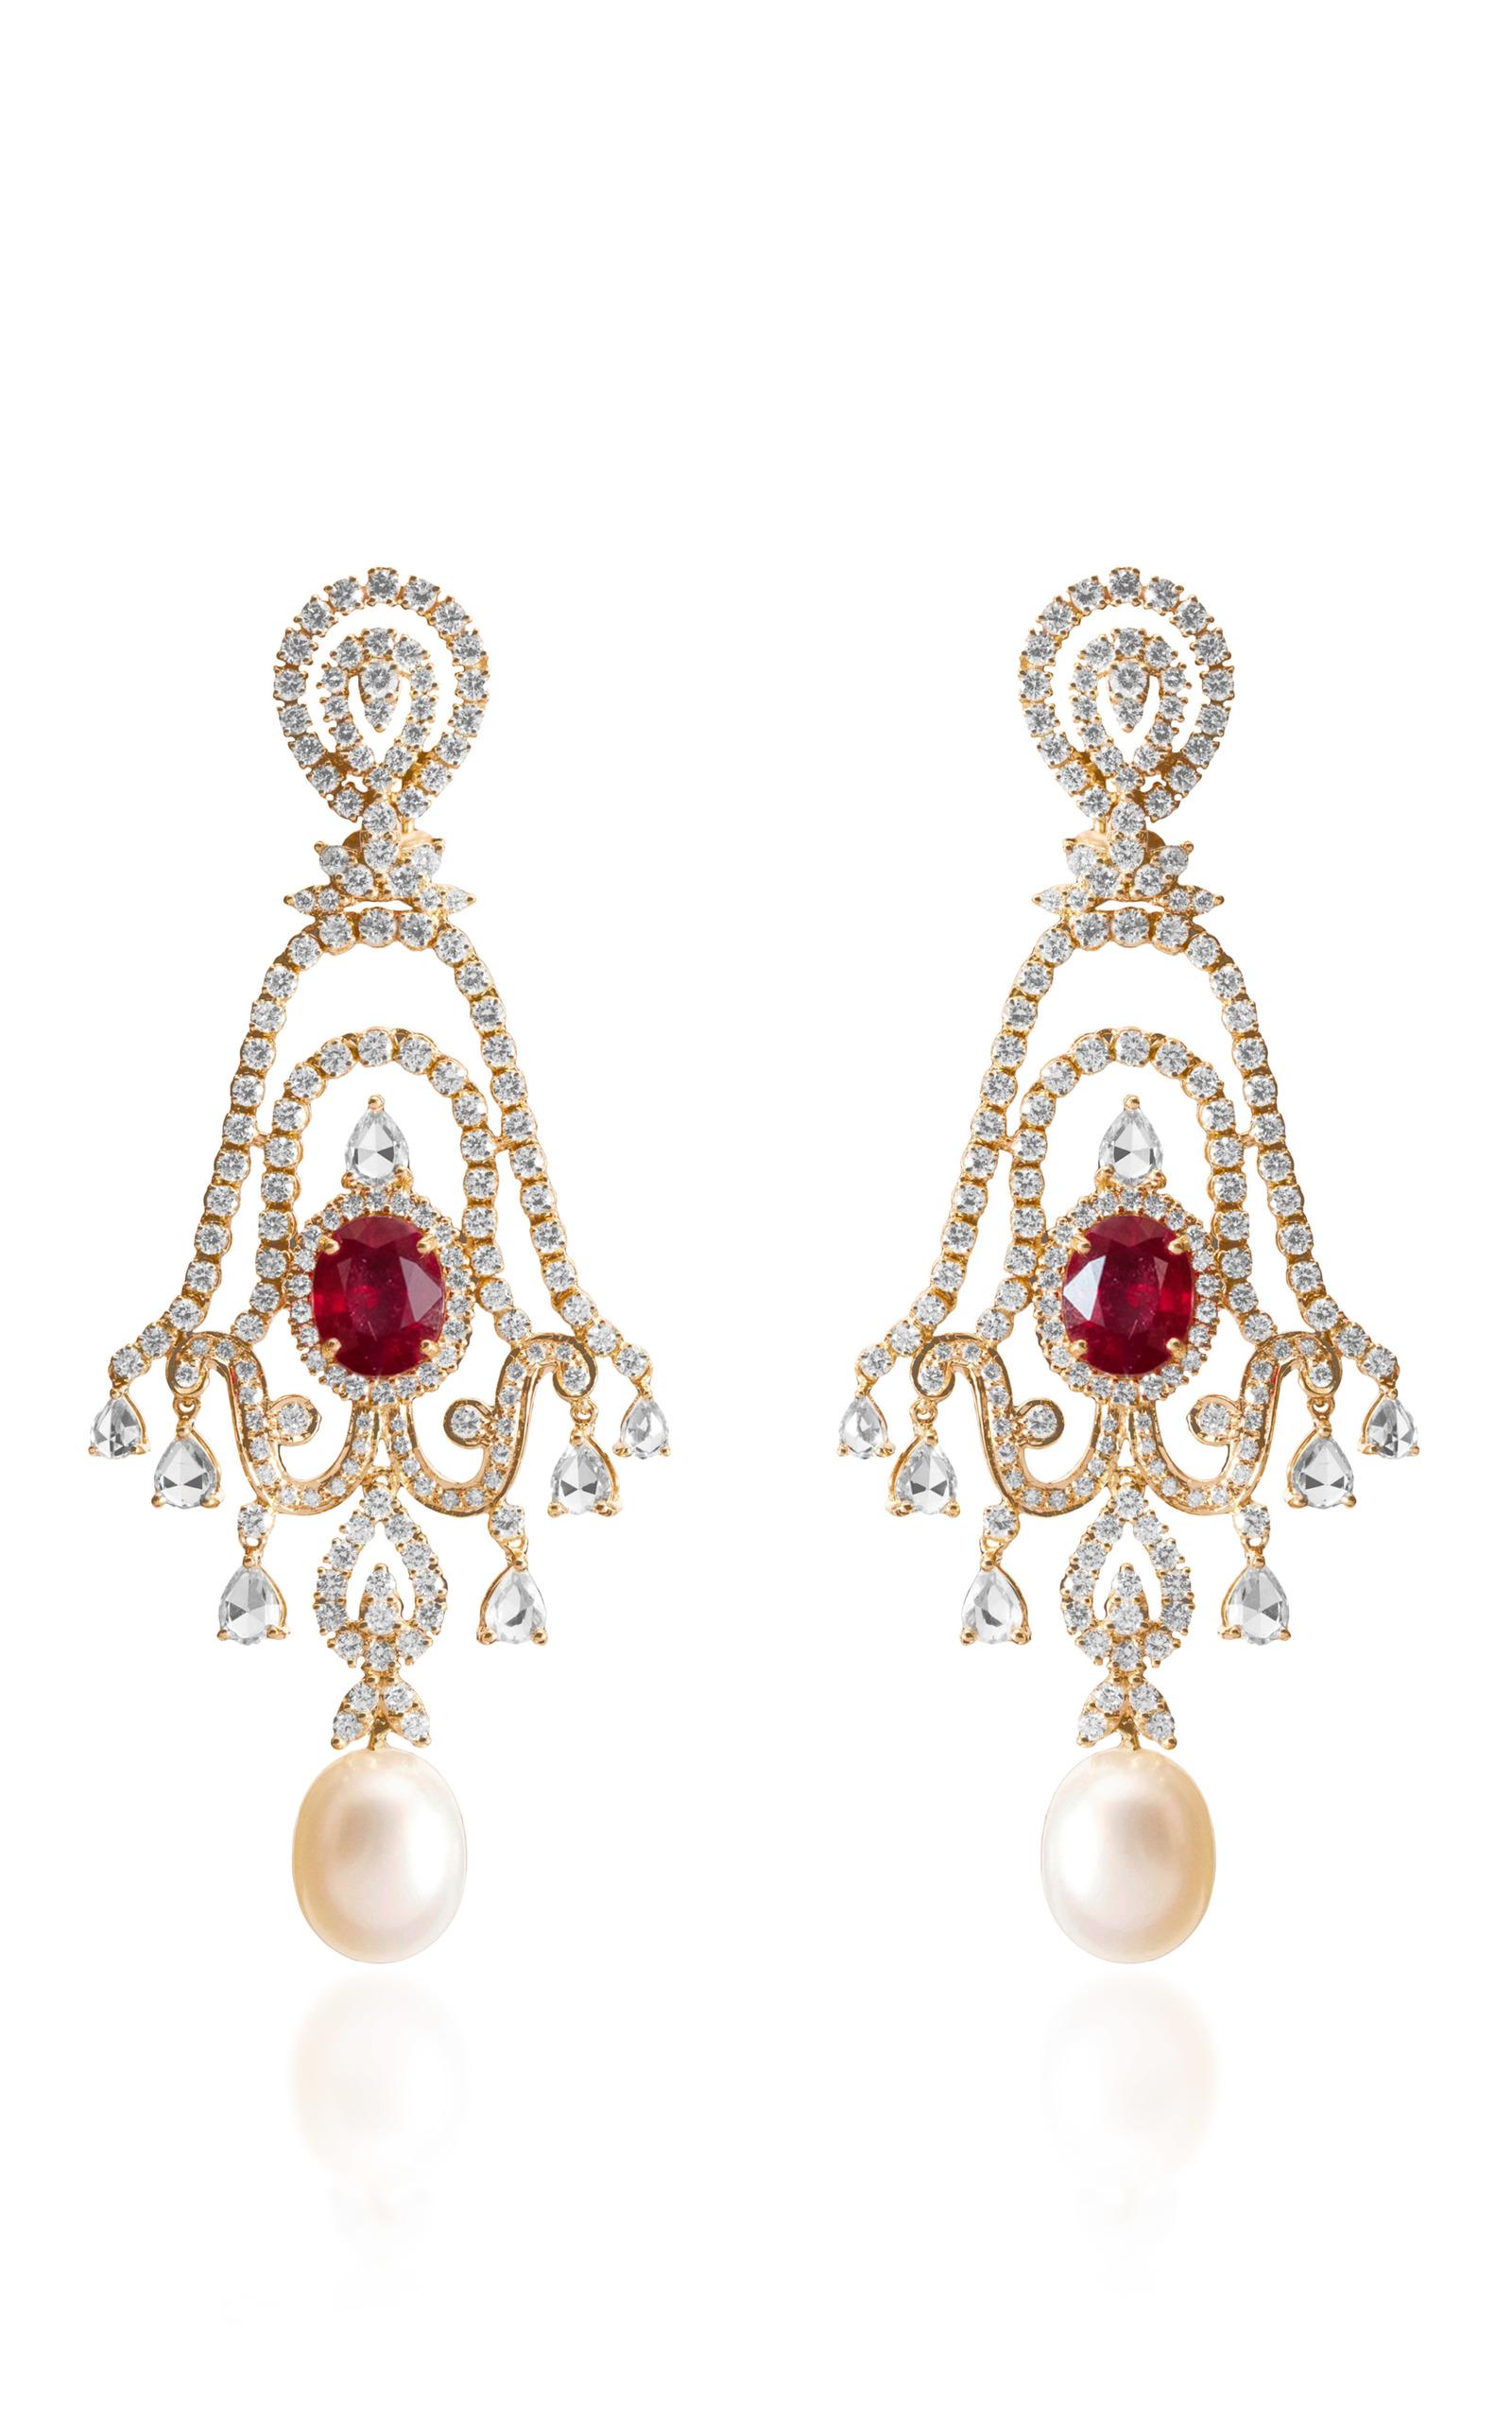 Scarlet Earring By Farah Khan Fine Jewelry Moda Operandi